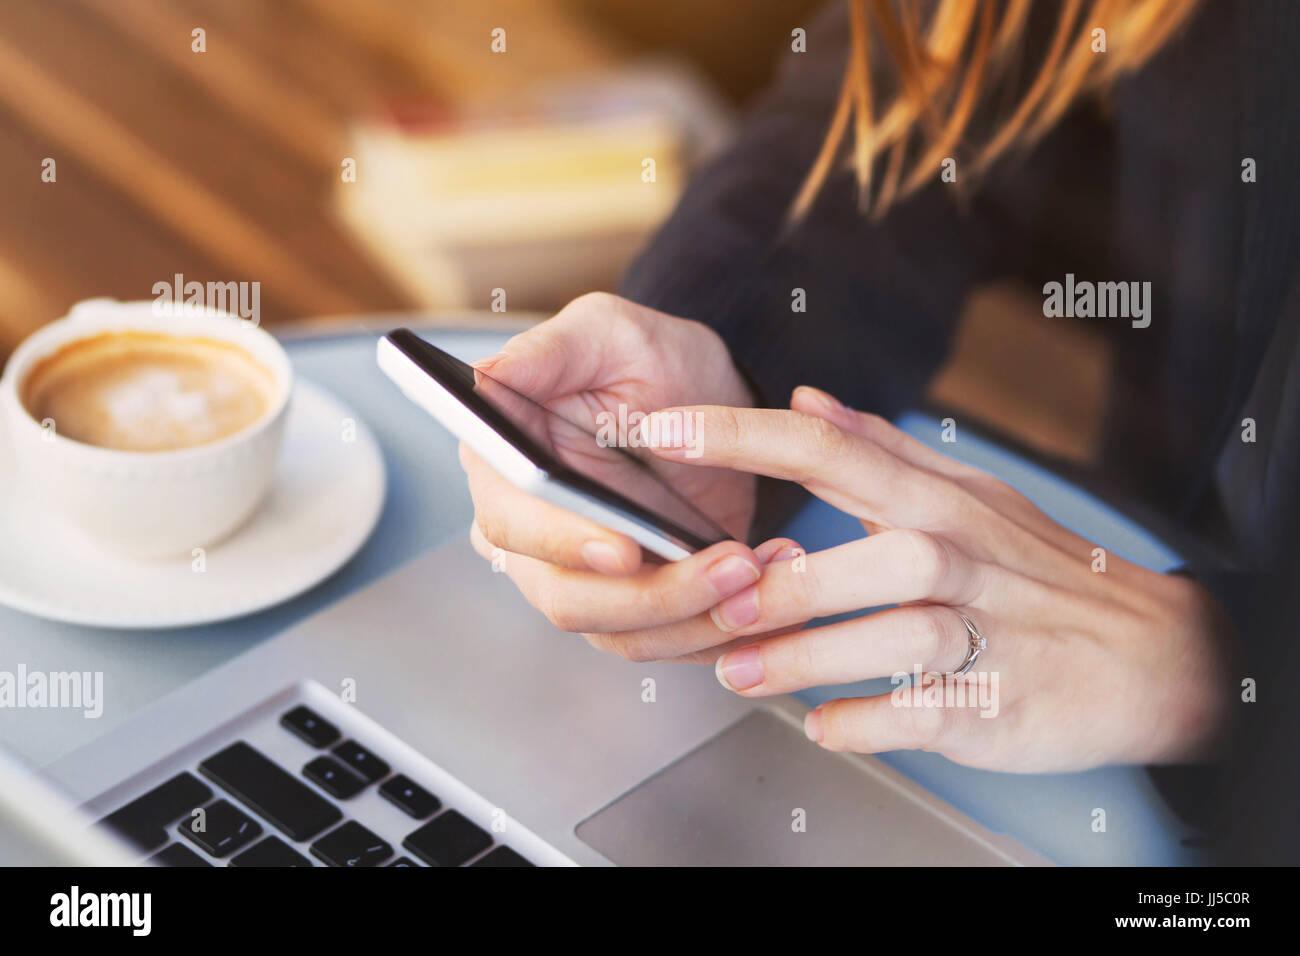 Stretta di mano utilizzando l'applicazione mobile sullo smartphone, donna controllare i messaggi di posta elettronica Immagini Stock